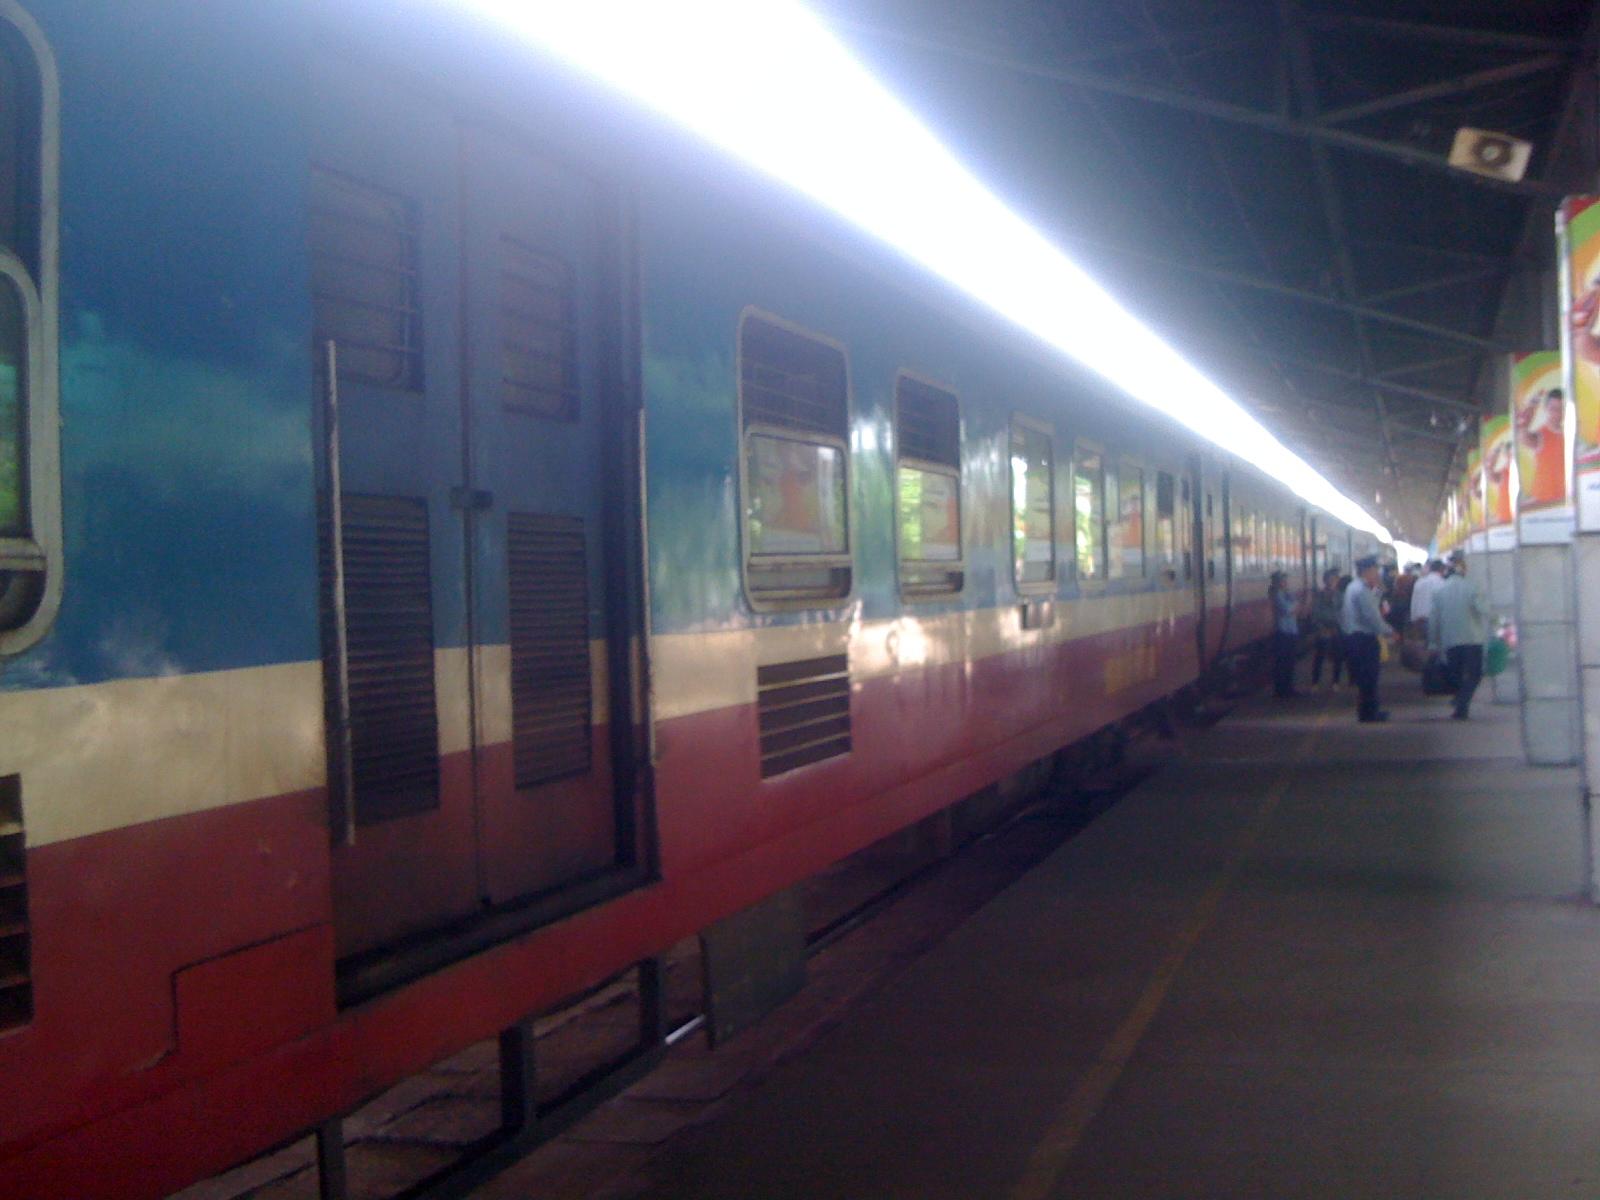 ロマン溢れるベトナム南北統一鉄道